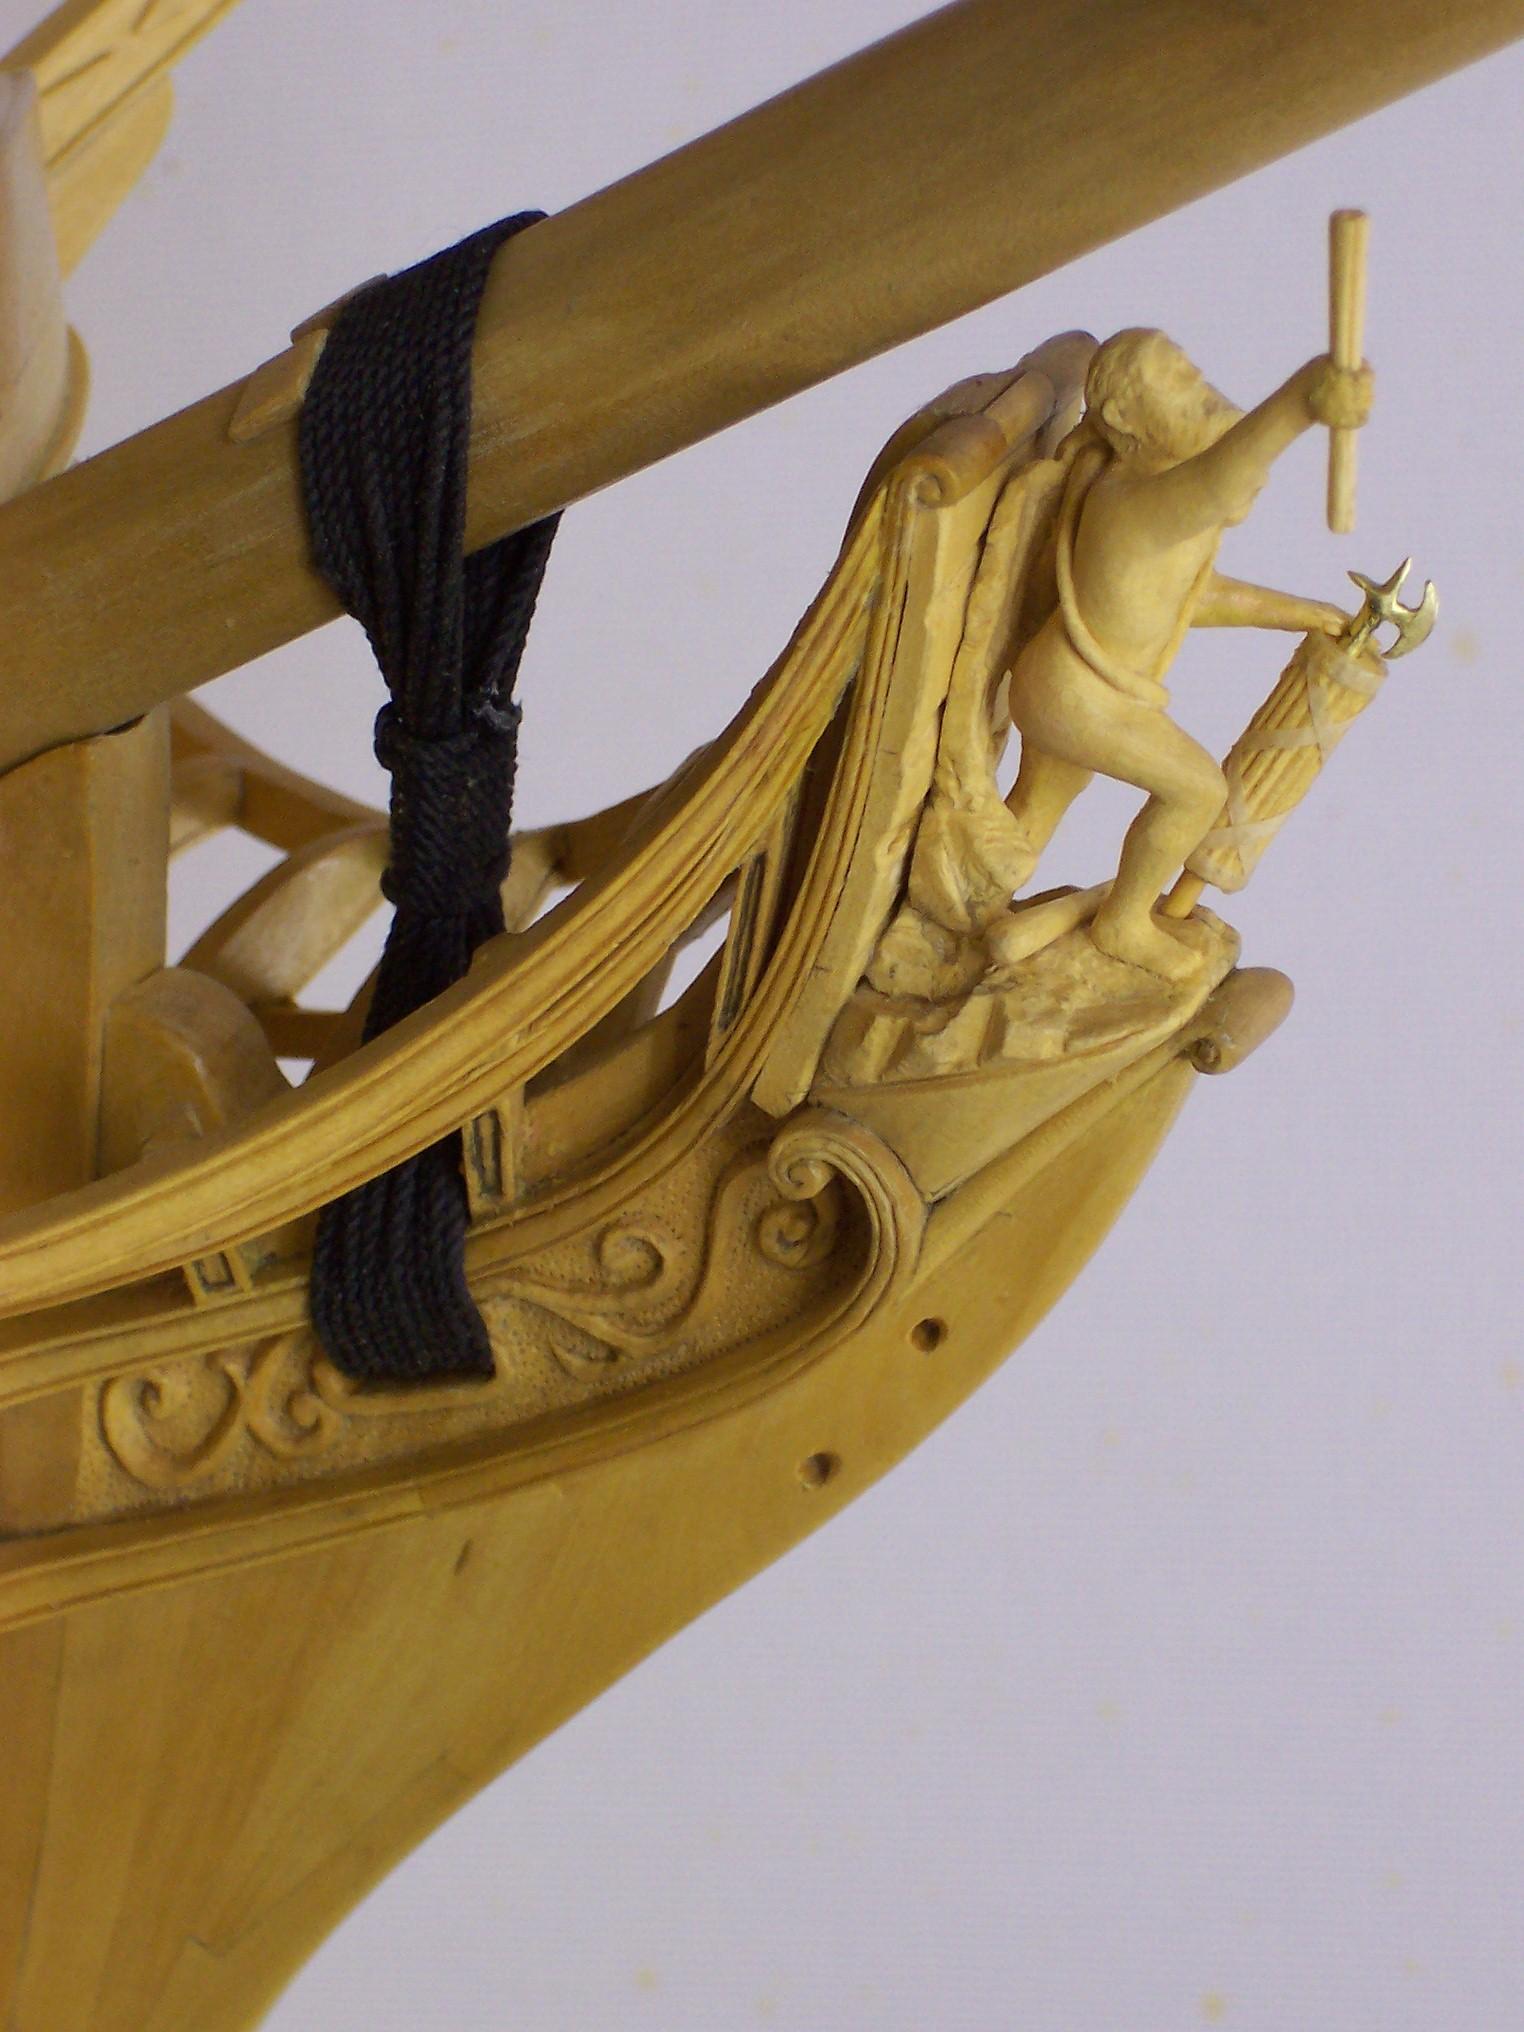 The Royal Scottish Navy